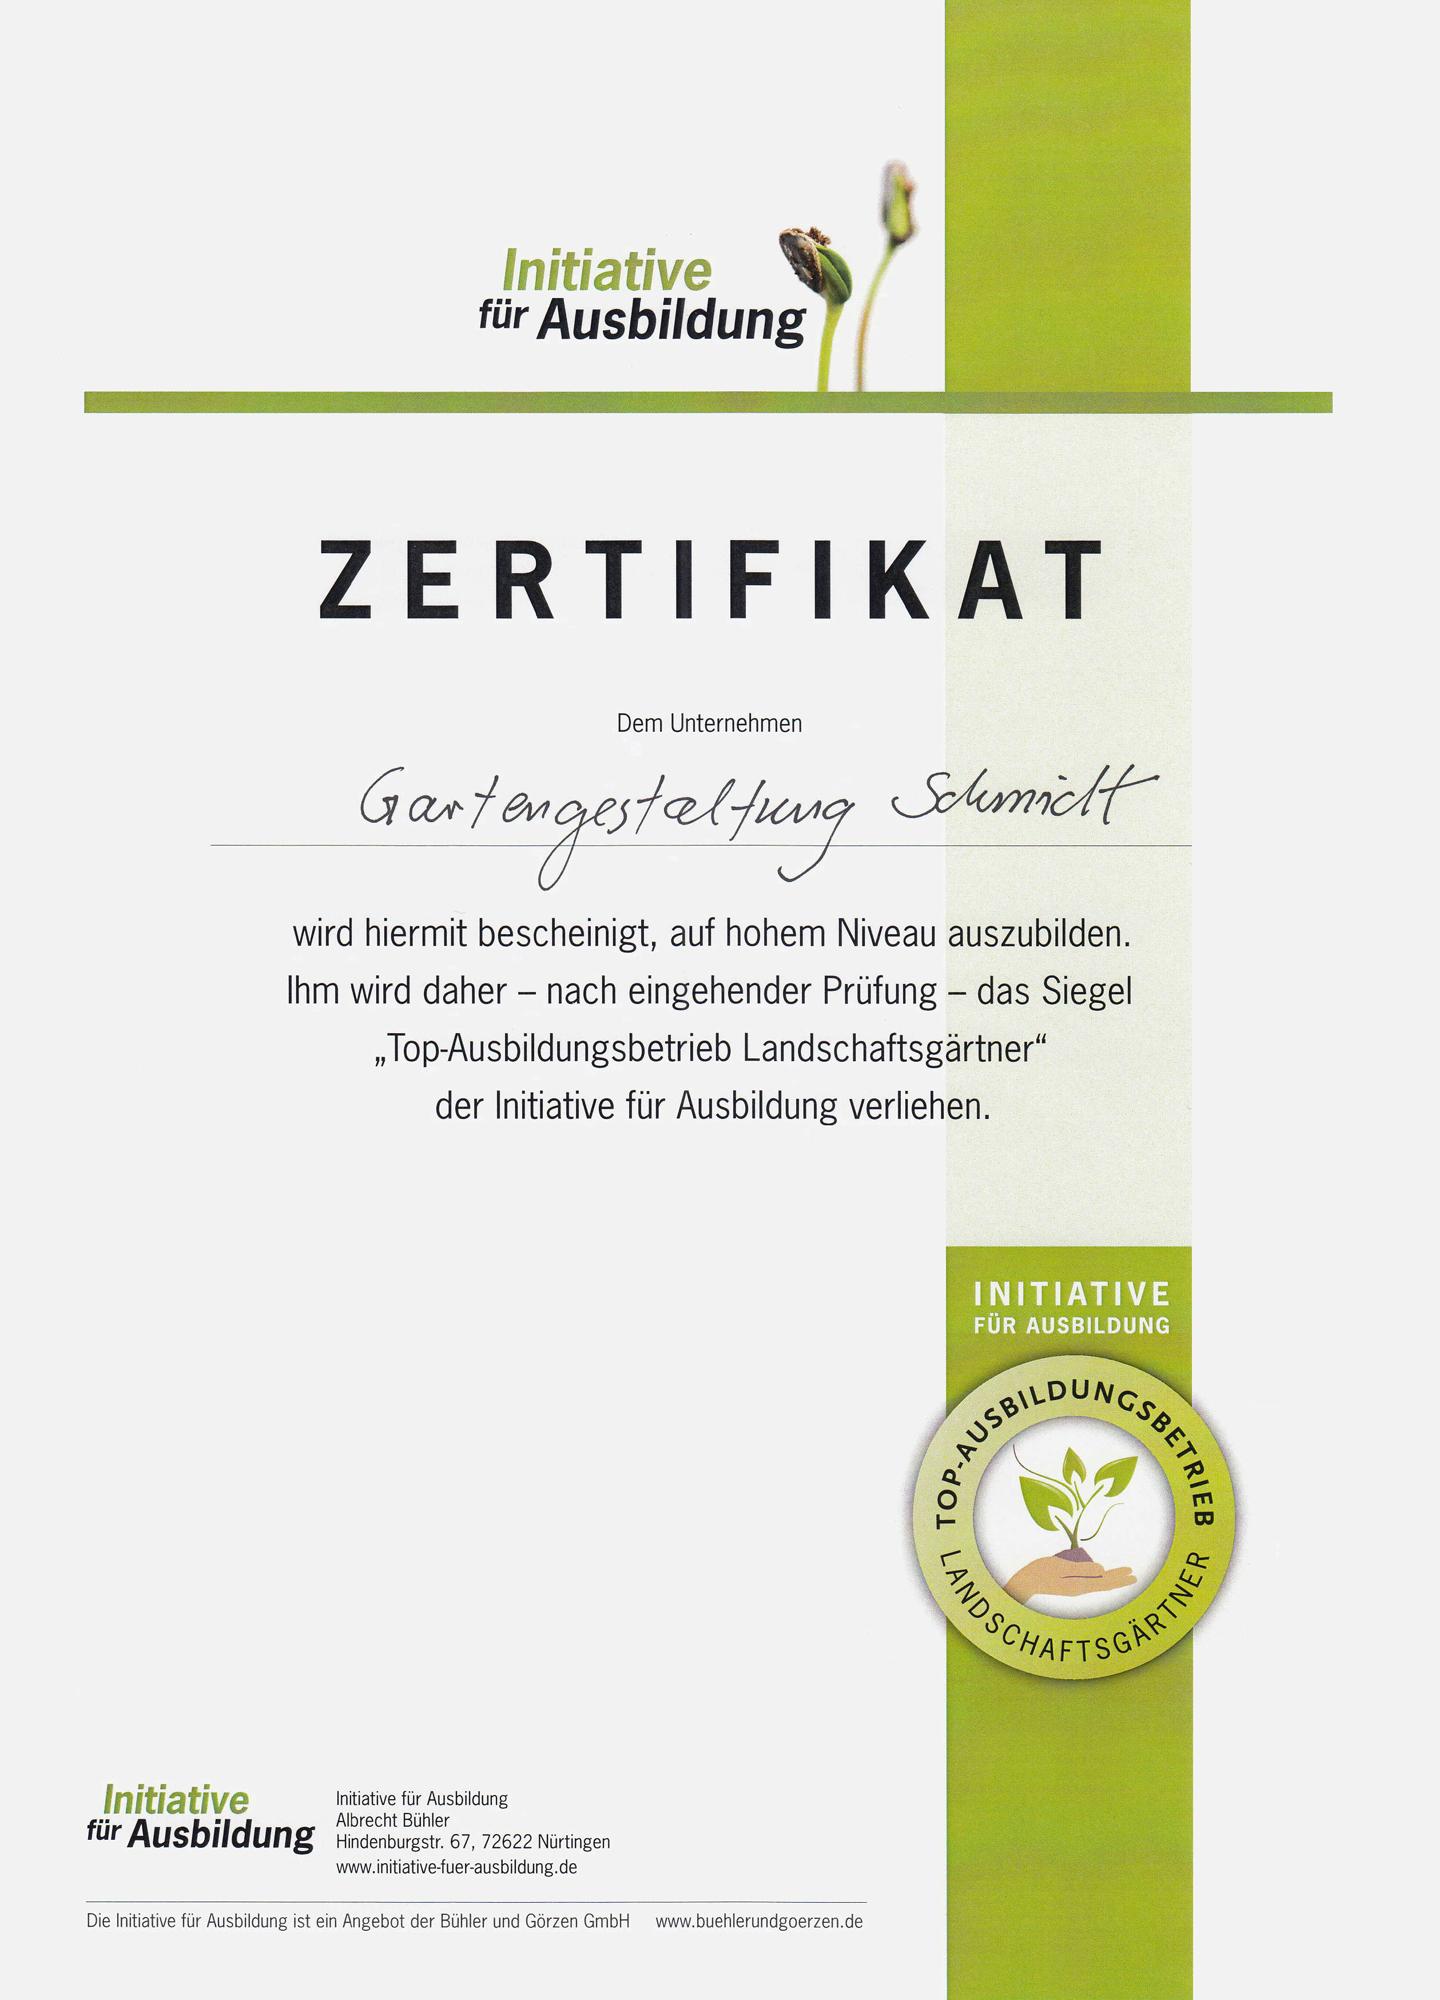 Zertifikat Top-Ausbildungsbetrieb Landschaftsgärtner